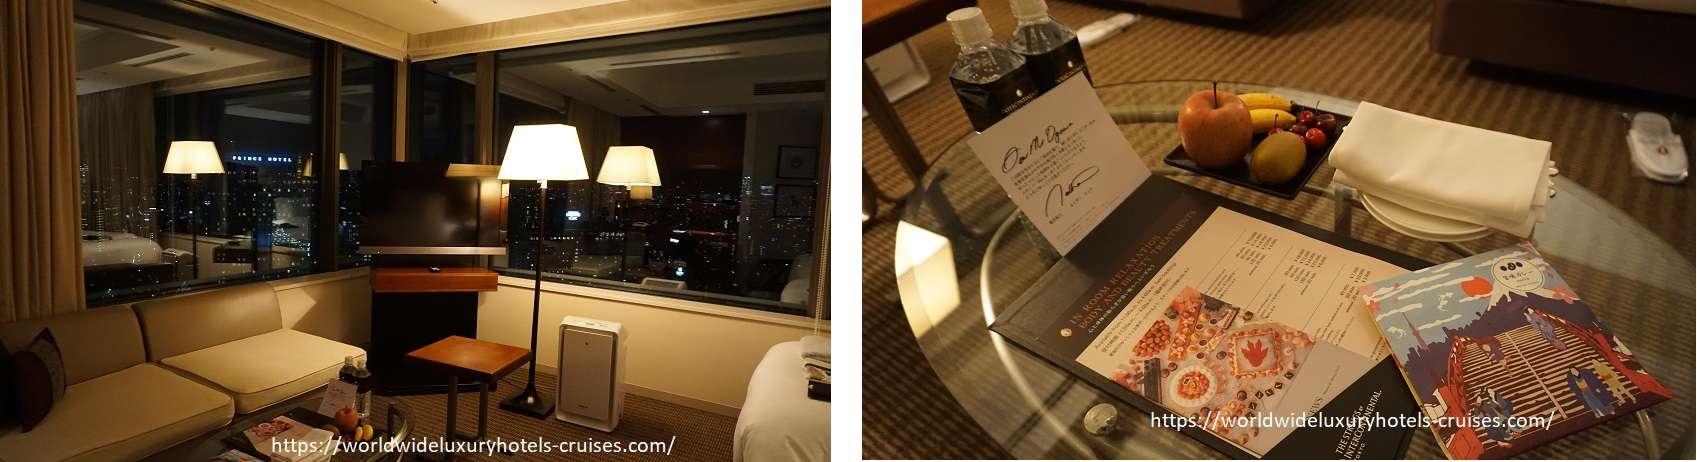 ストリングスホテル東京インターコンチネンタル  インターコンチネンタルストリングス東京 インターコンチネンタルホテル ラグジュアリーホテル予約 個人旅行 品川 東京 成田エクスプレス 成田エアポートリムジン 品川のホテル ラグジュアリートラベルアドバイザー 世界へBonvoyage